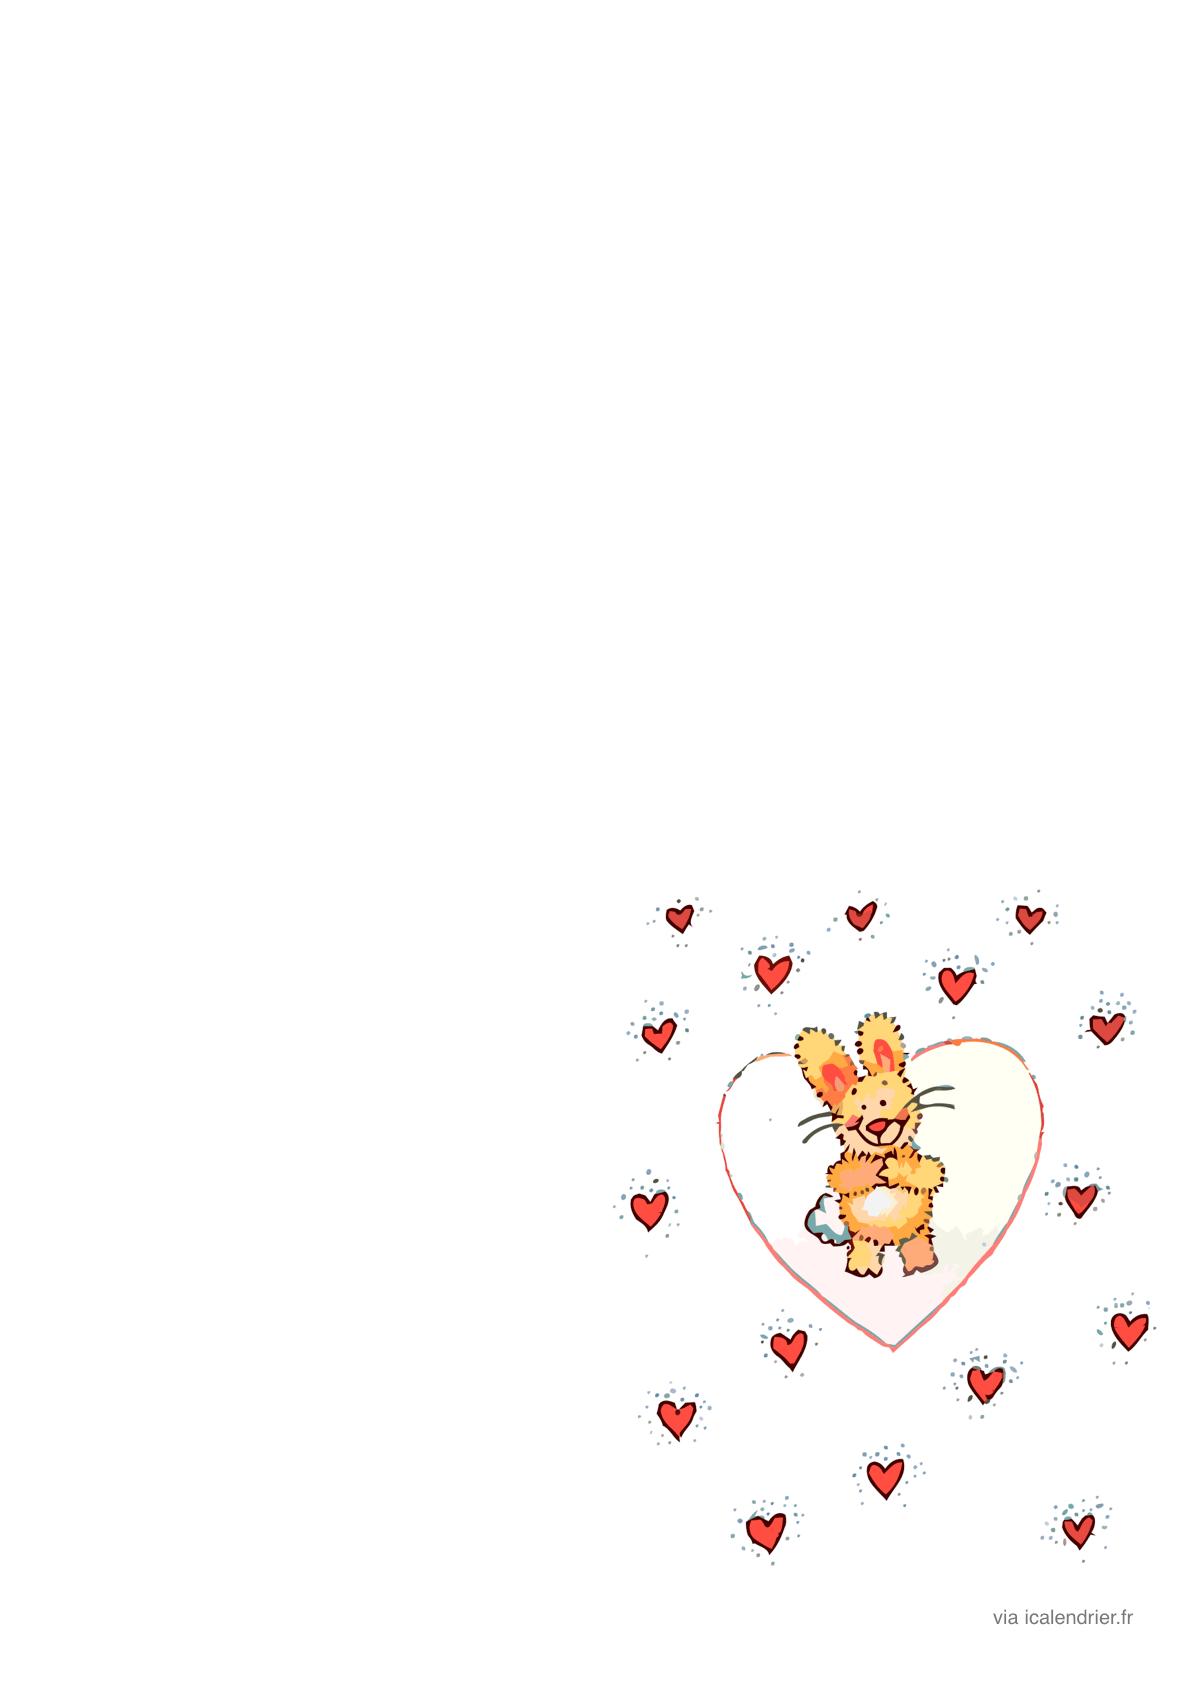 Saint-Valentin - Lettres Et Enveloppes Illustrées - Icalendrier tout Papier A Lettre Enfant